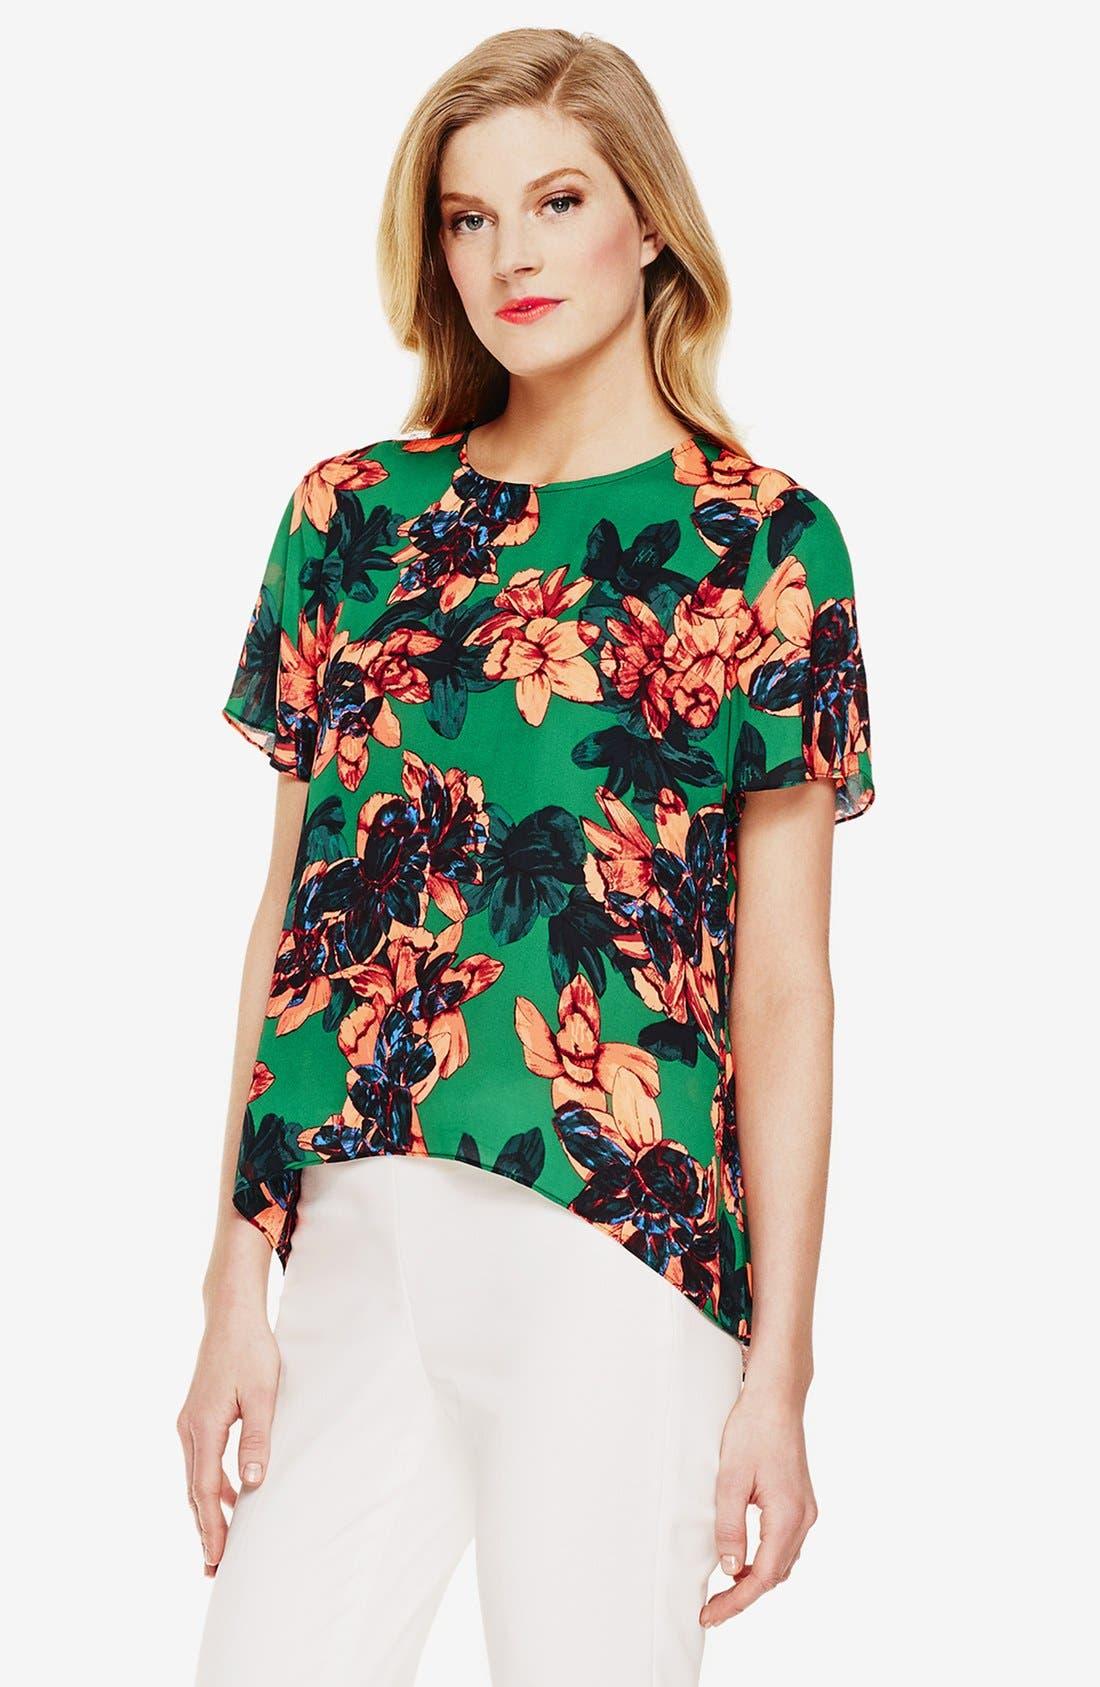 'Batik Floral' High/Low Blouse,                             Main thumbnail 1, color,                             Cactus